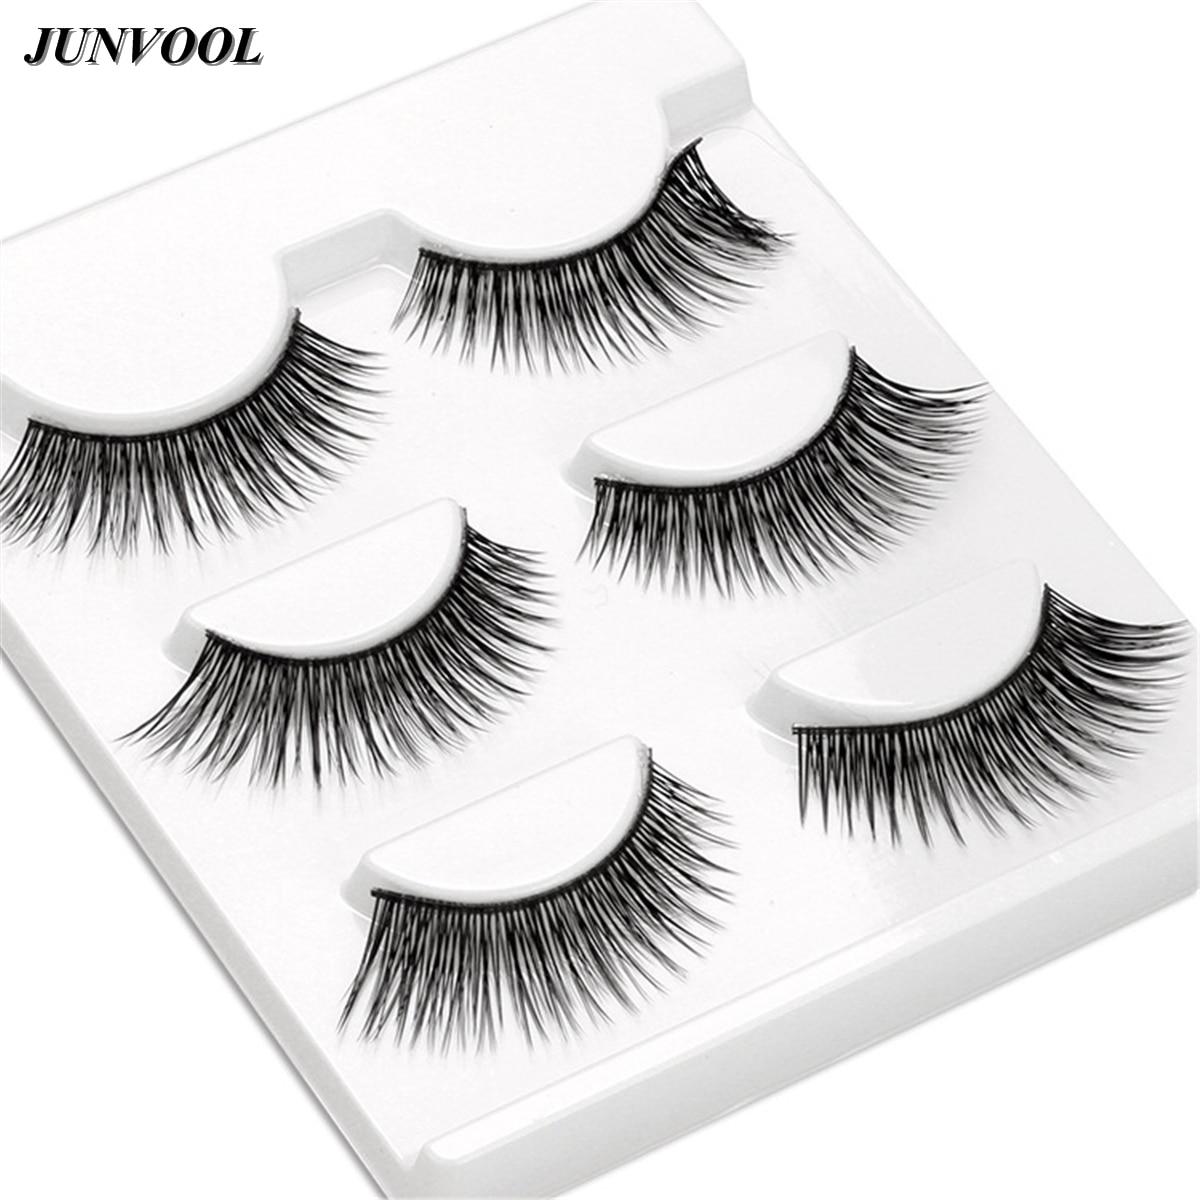 Beauty Thick Makeup False Eyelashes 15 Pairs Long Black Fake Eyelash Nautral Handmade Winged Eye Lashes Extension New Style